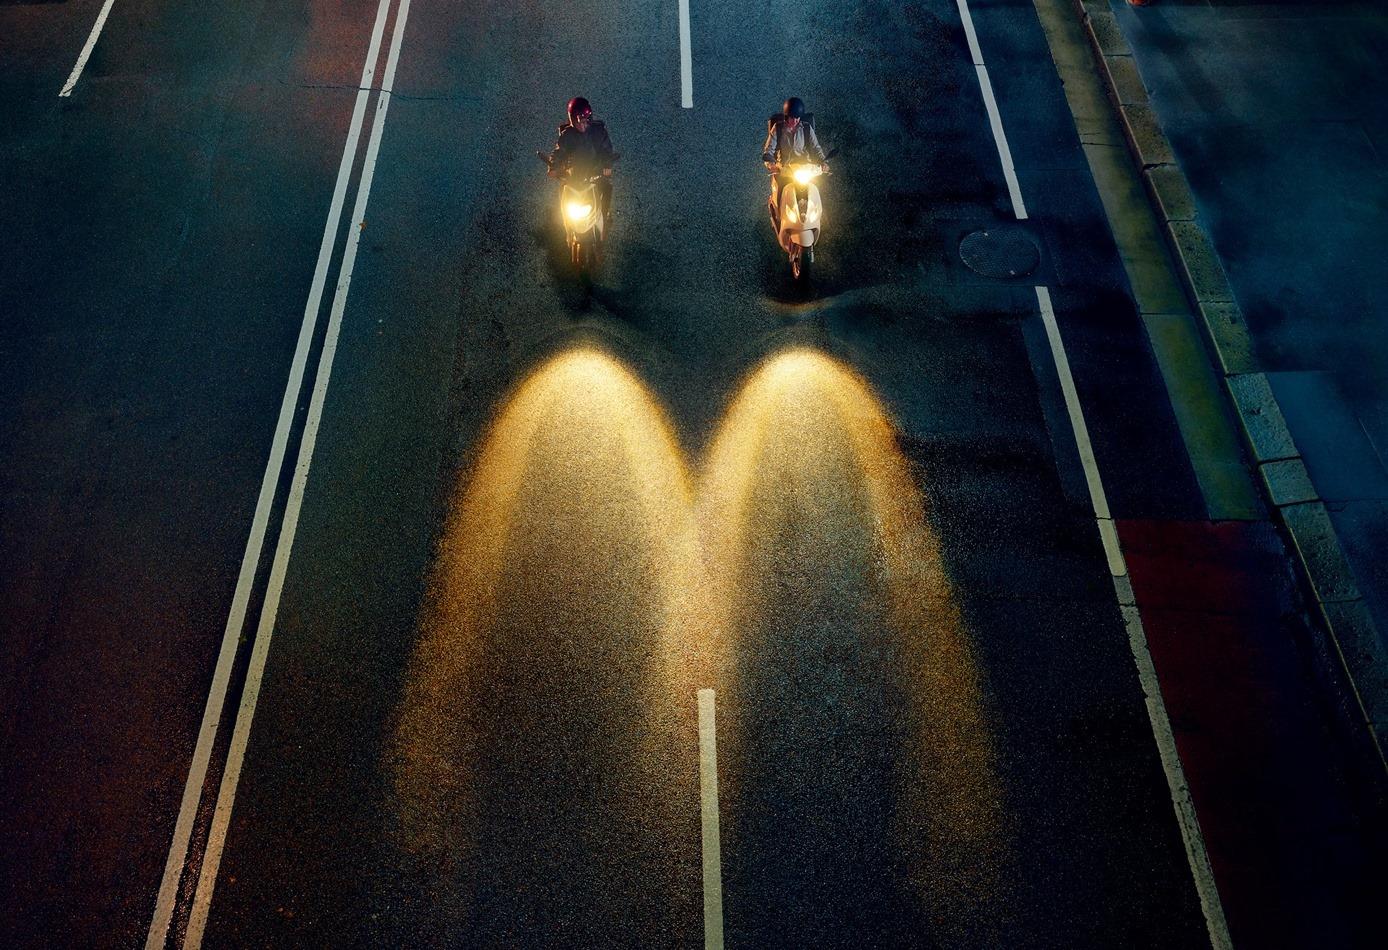 Mcdonald's-ის ახალი კამპანია